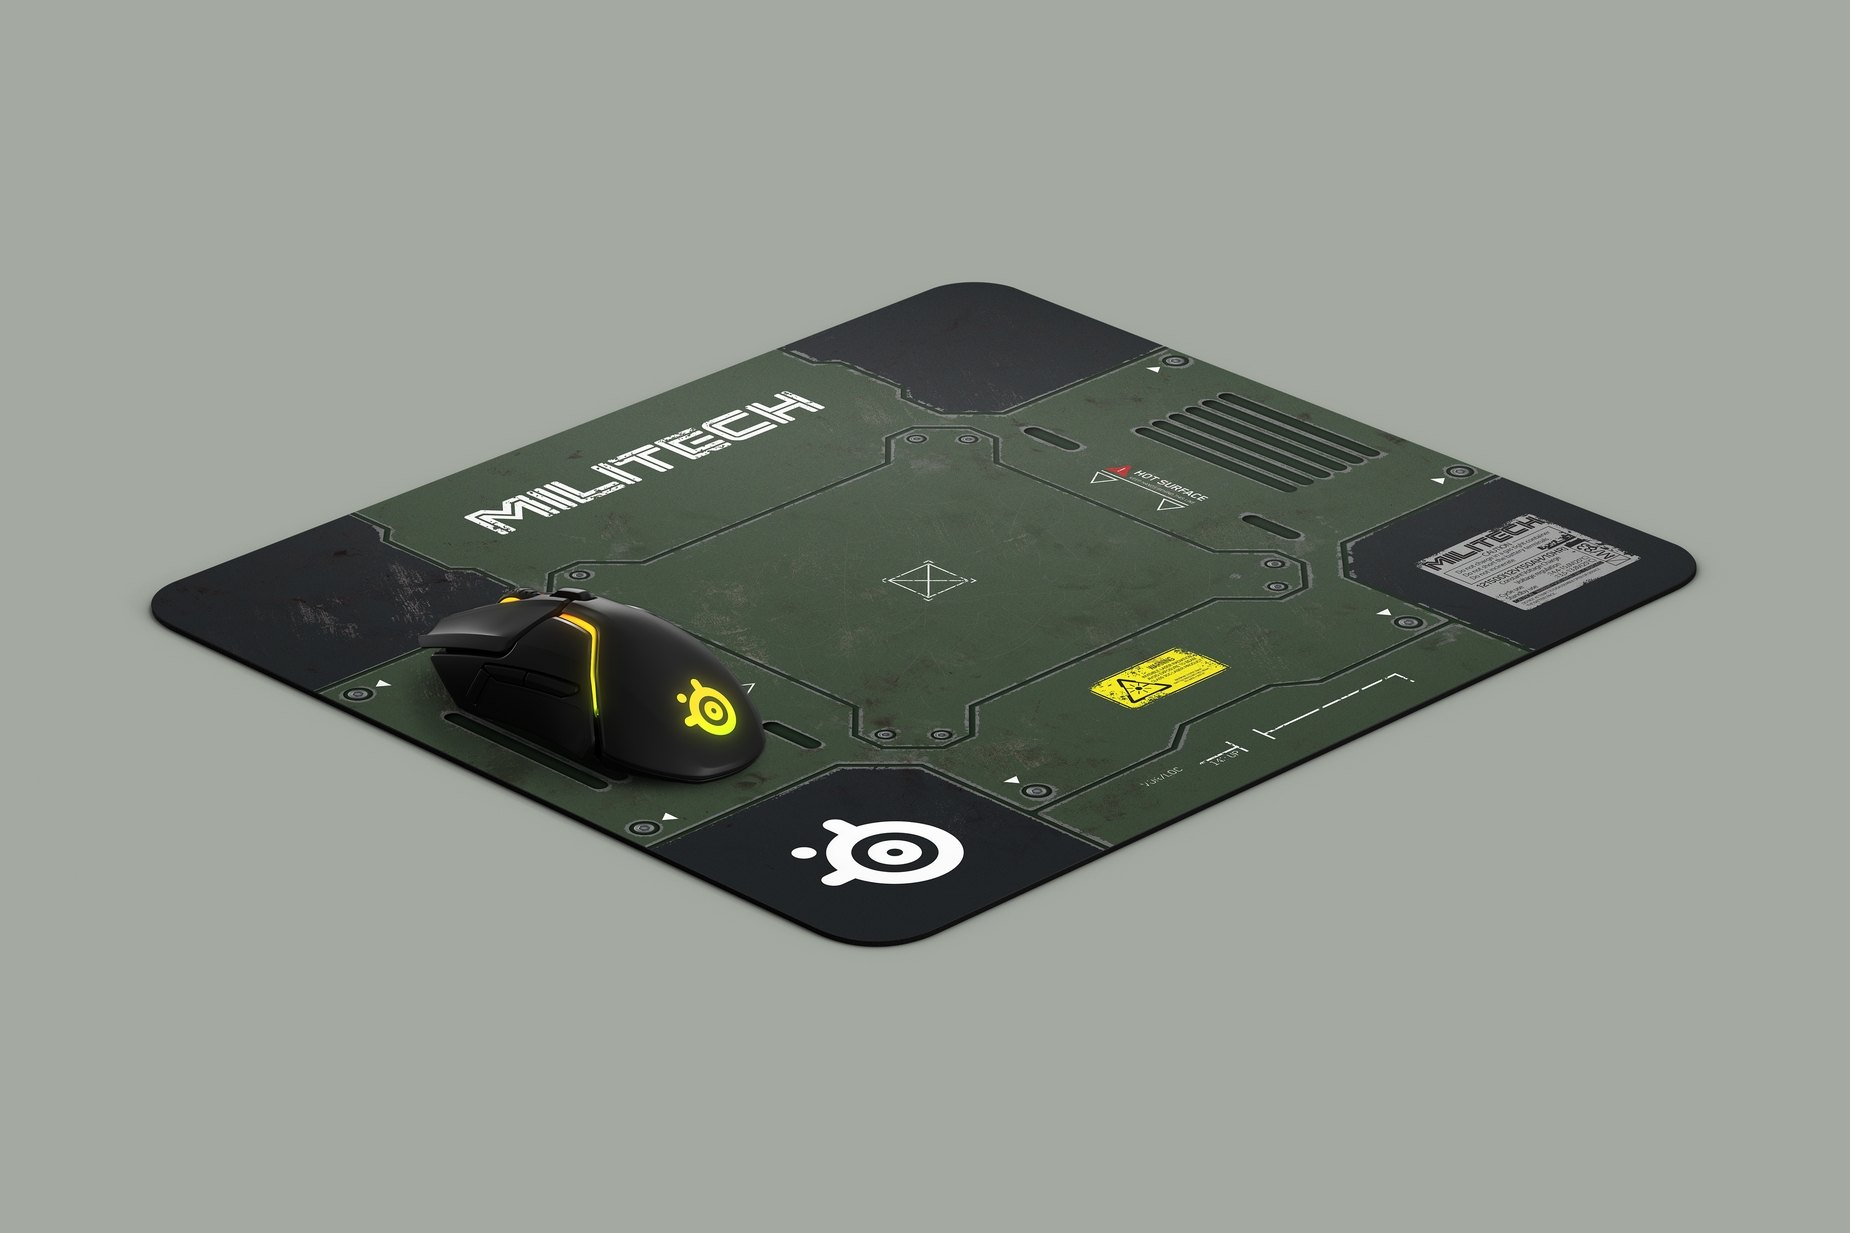 Podkładka pod mysz QcK Cyberpunk Militech z myszą dla porównania rozmiaru, z pełną grafiką